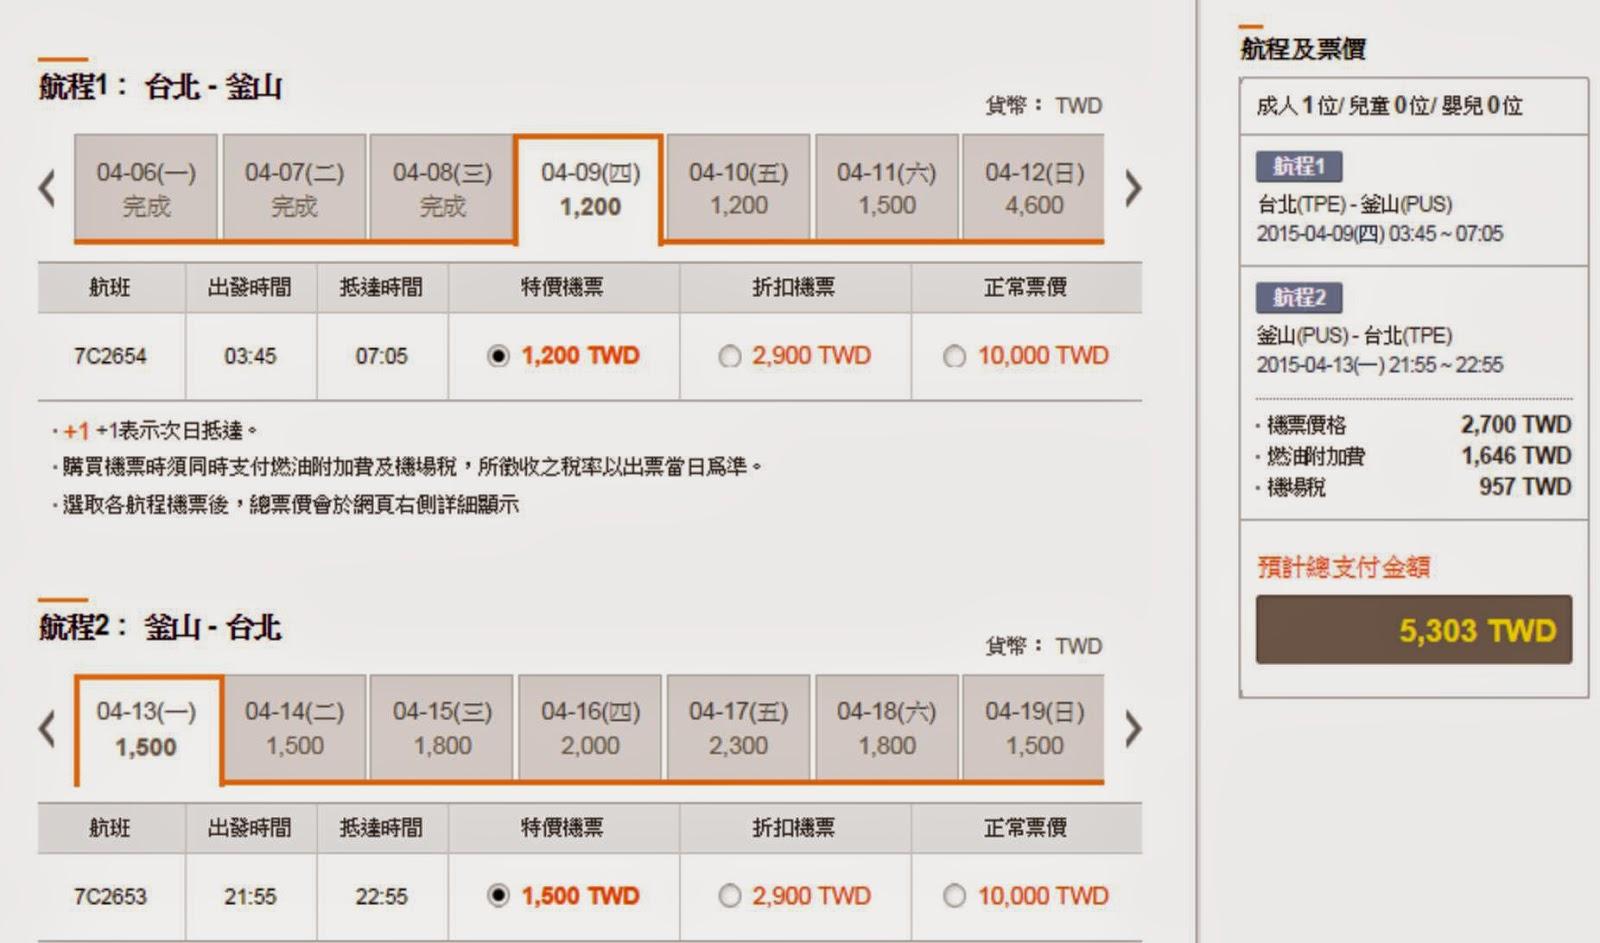 濟洲航空台北飛首爾4月9日出發,4月13日回程,來回連稅TWD5,303